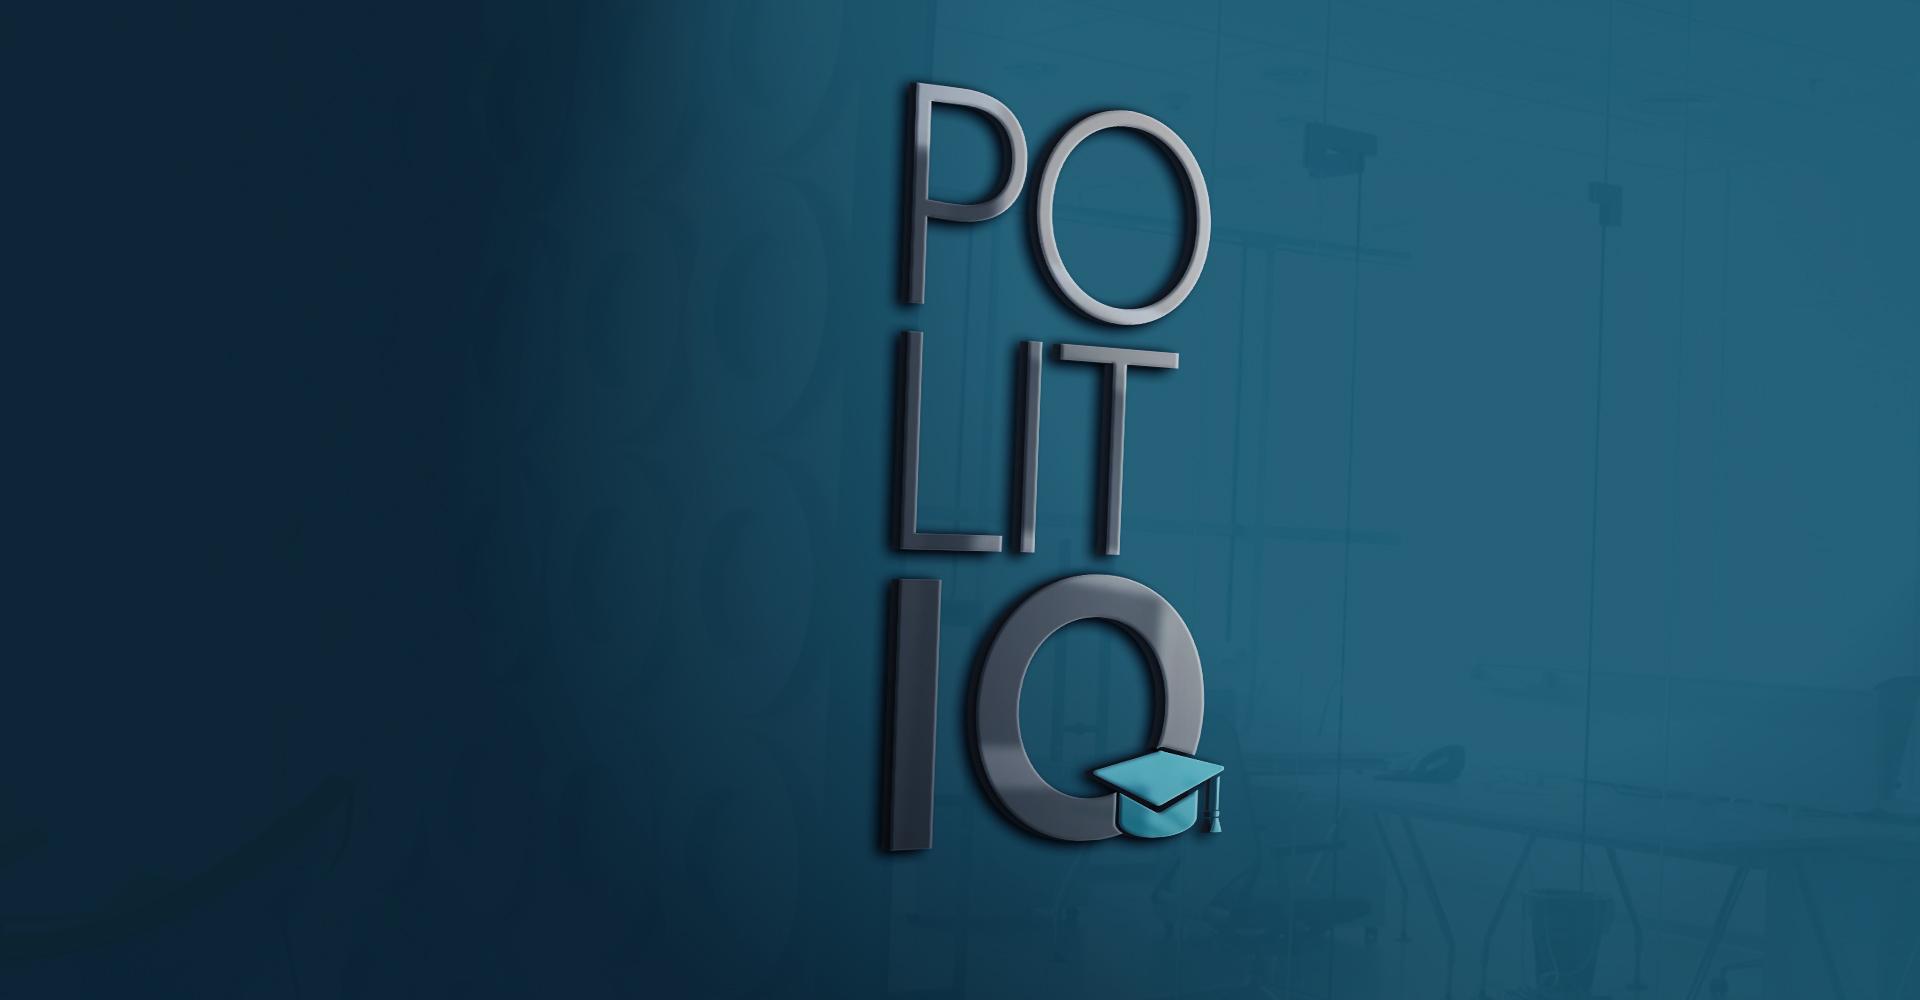 Masters programme PolitIQ